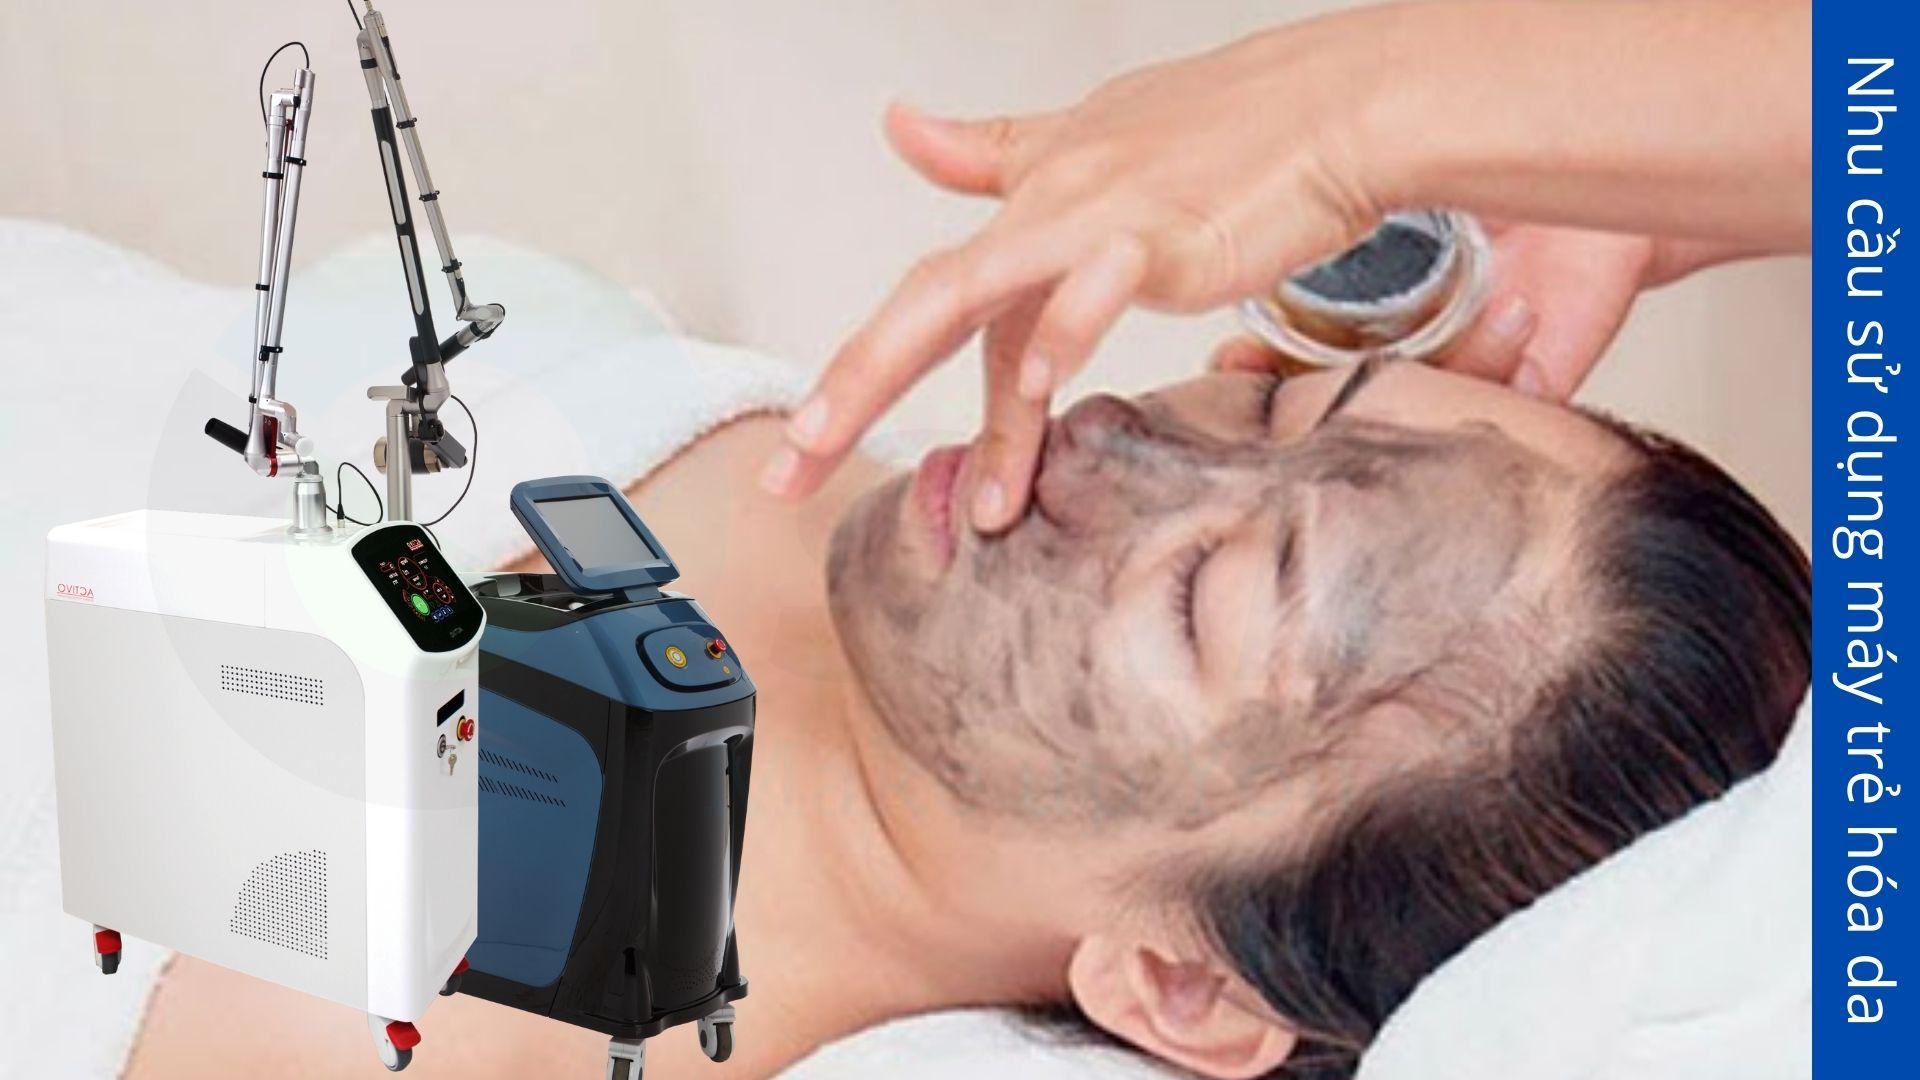 Nhu cầu sử dụng máy trẻ hóa da